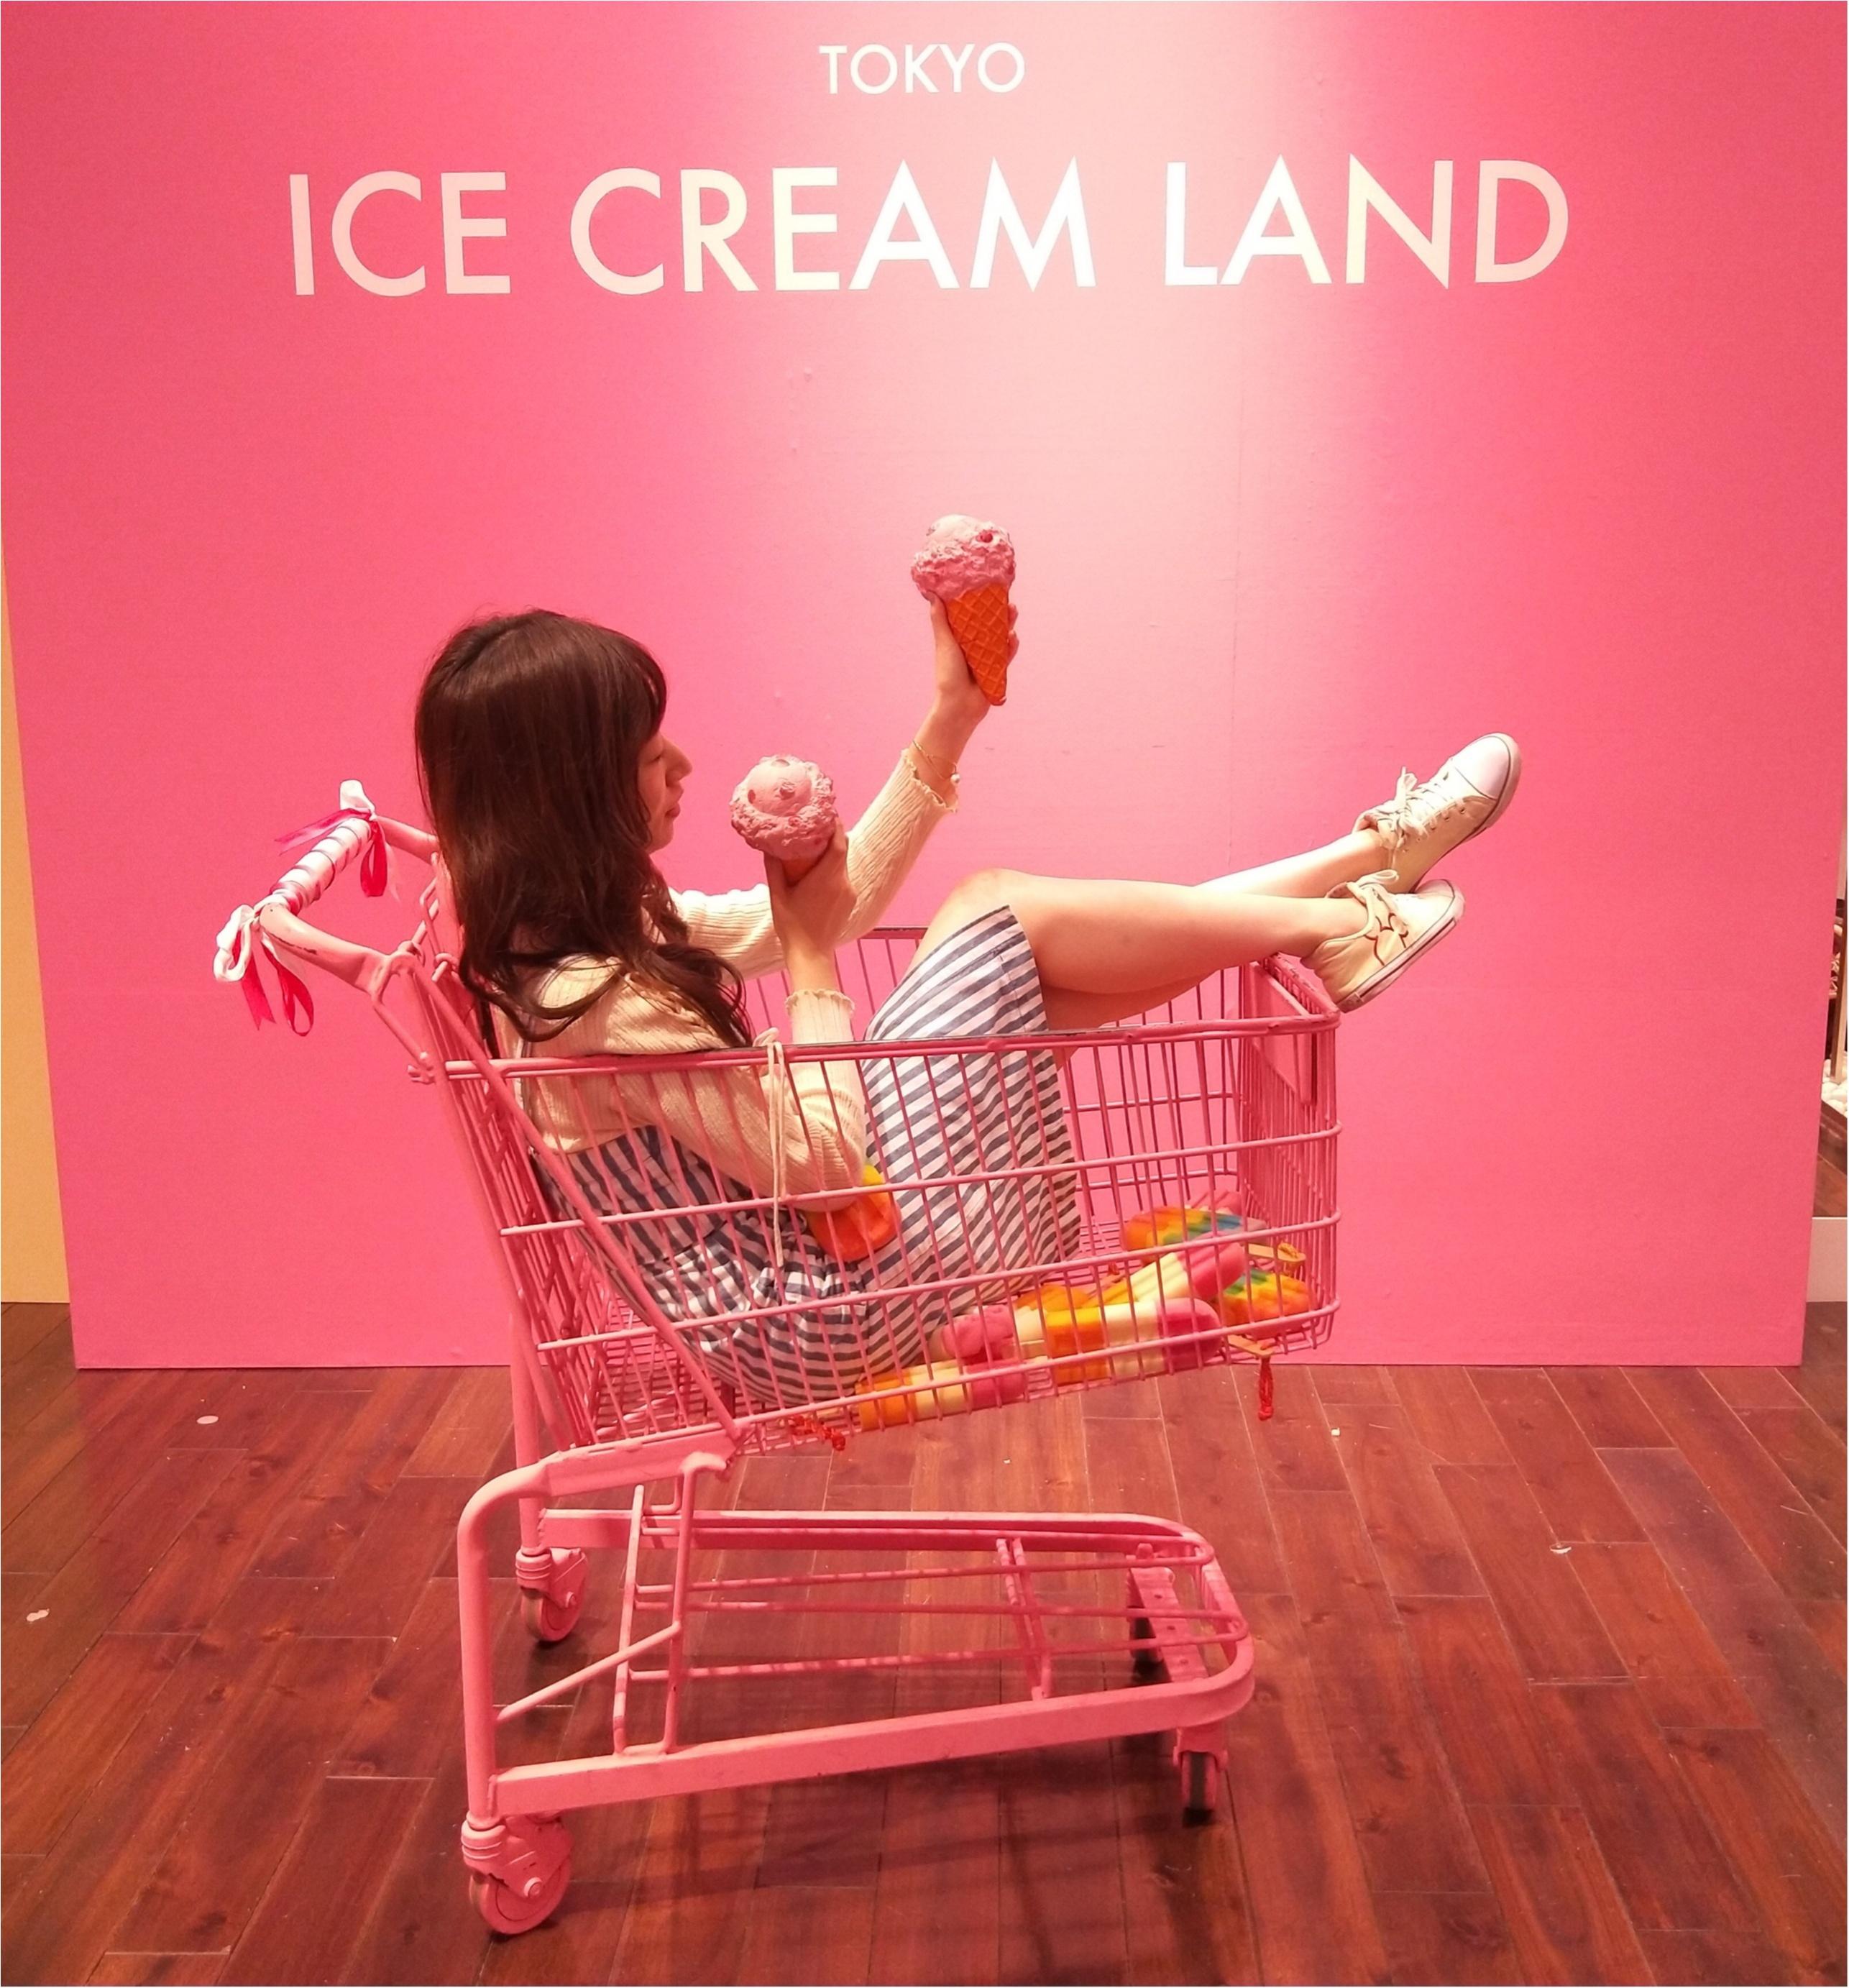 アイスクリームの夢の国「ICE CREAM LAND」でフォトジェニック空間を満喫♡横浜コレットマーレ5/27まで!_2_1